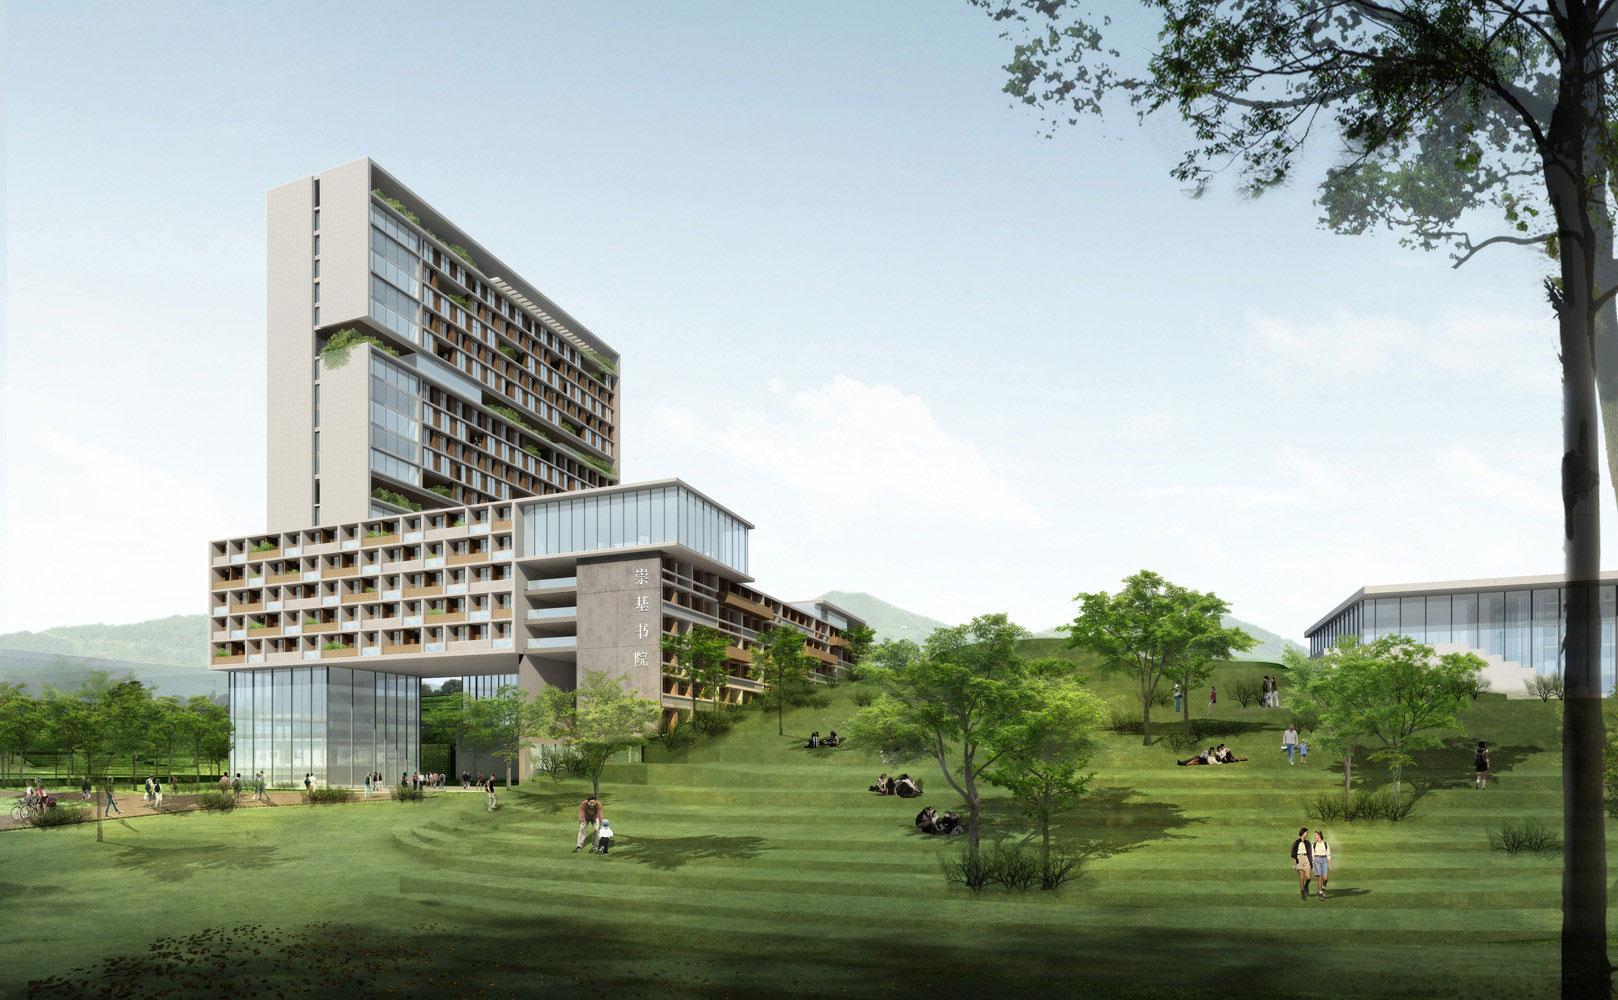 دانشگاه های مورد تأیید وزارت بهداشت در چین